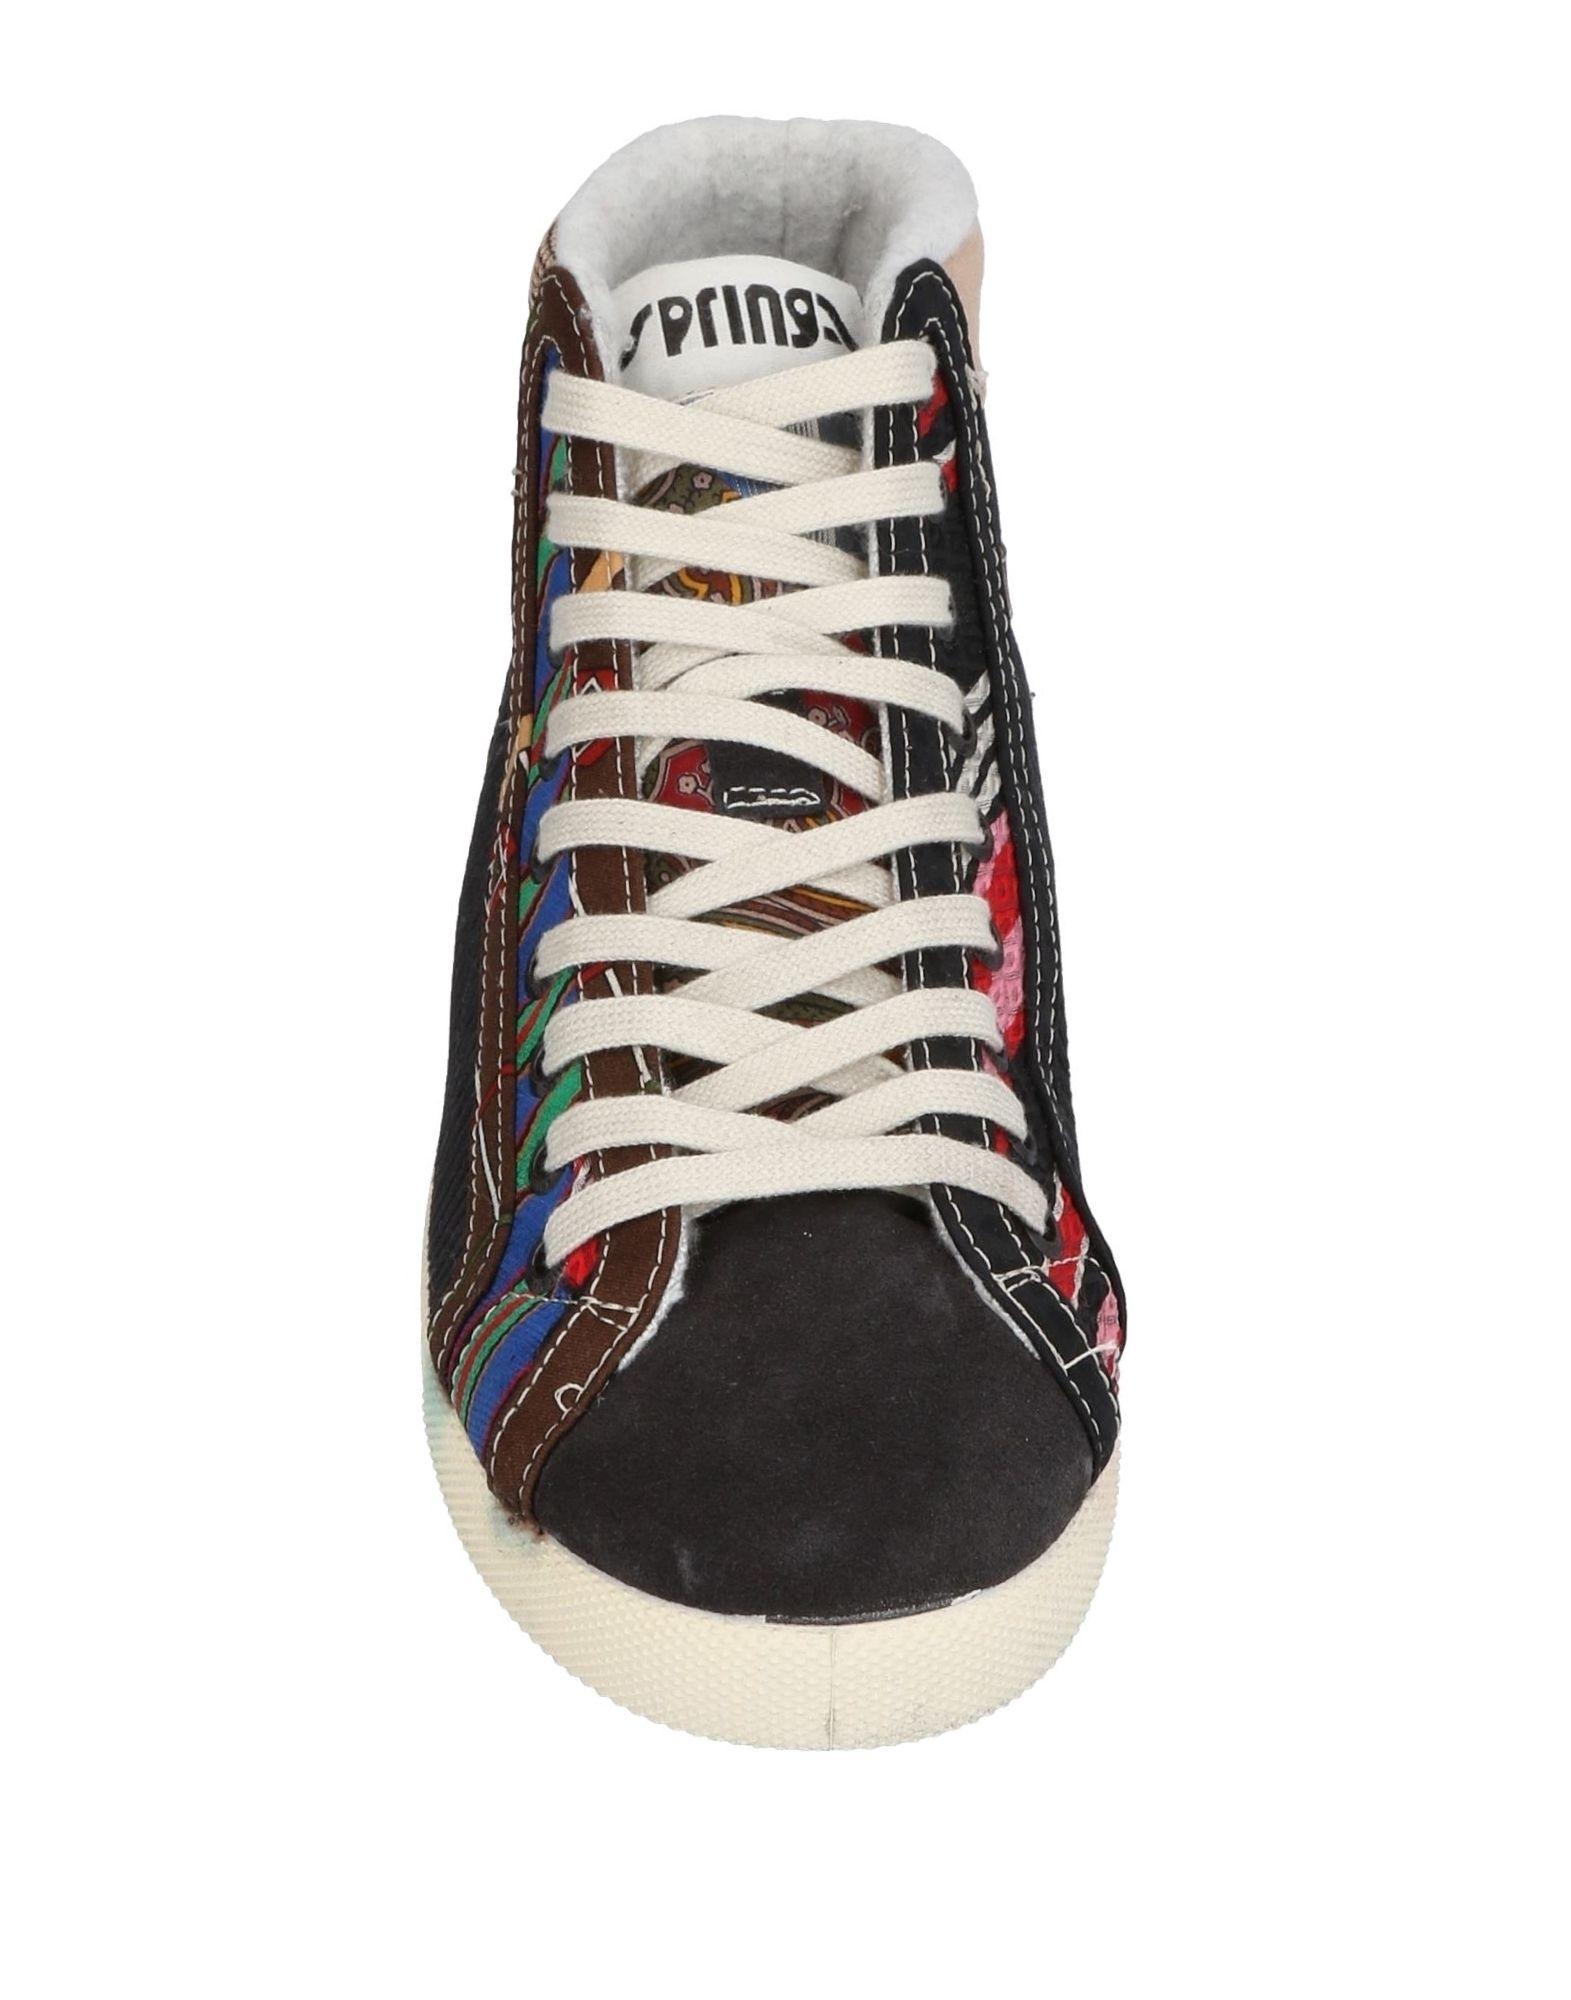 Springa Sneakers Damen   Damen 11456669NW  07ad7d